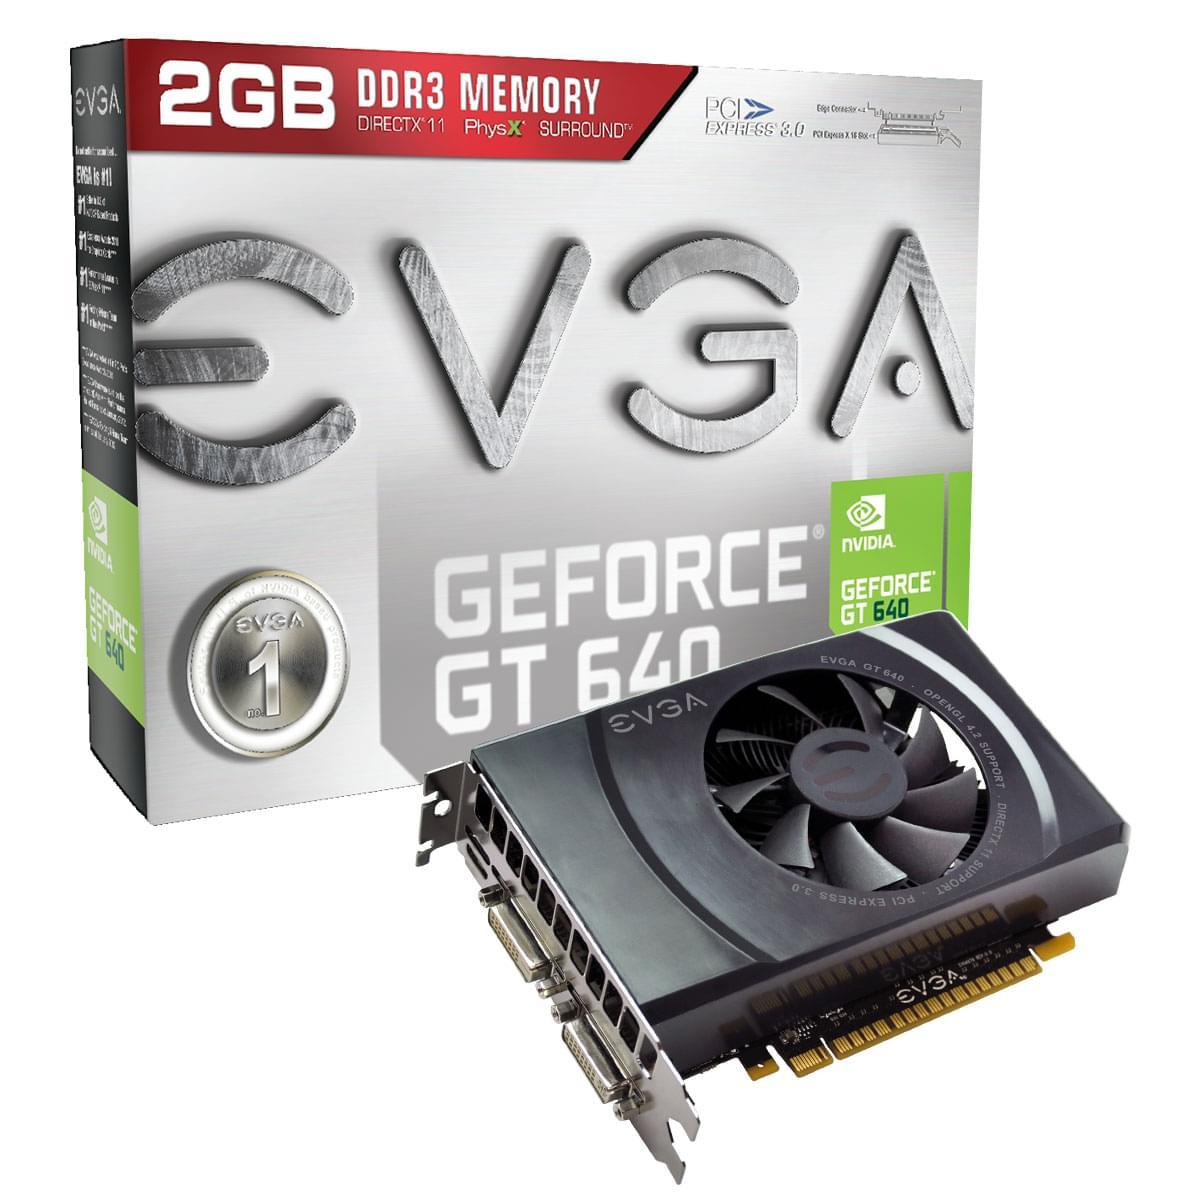 EVGA GT640 2G D34 2645 (02G-P4-2645-KR) - Achat / Vente Carte Graphique sur Cybertek.fr - 0